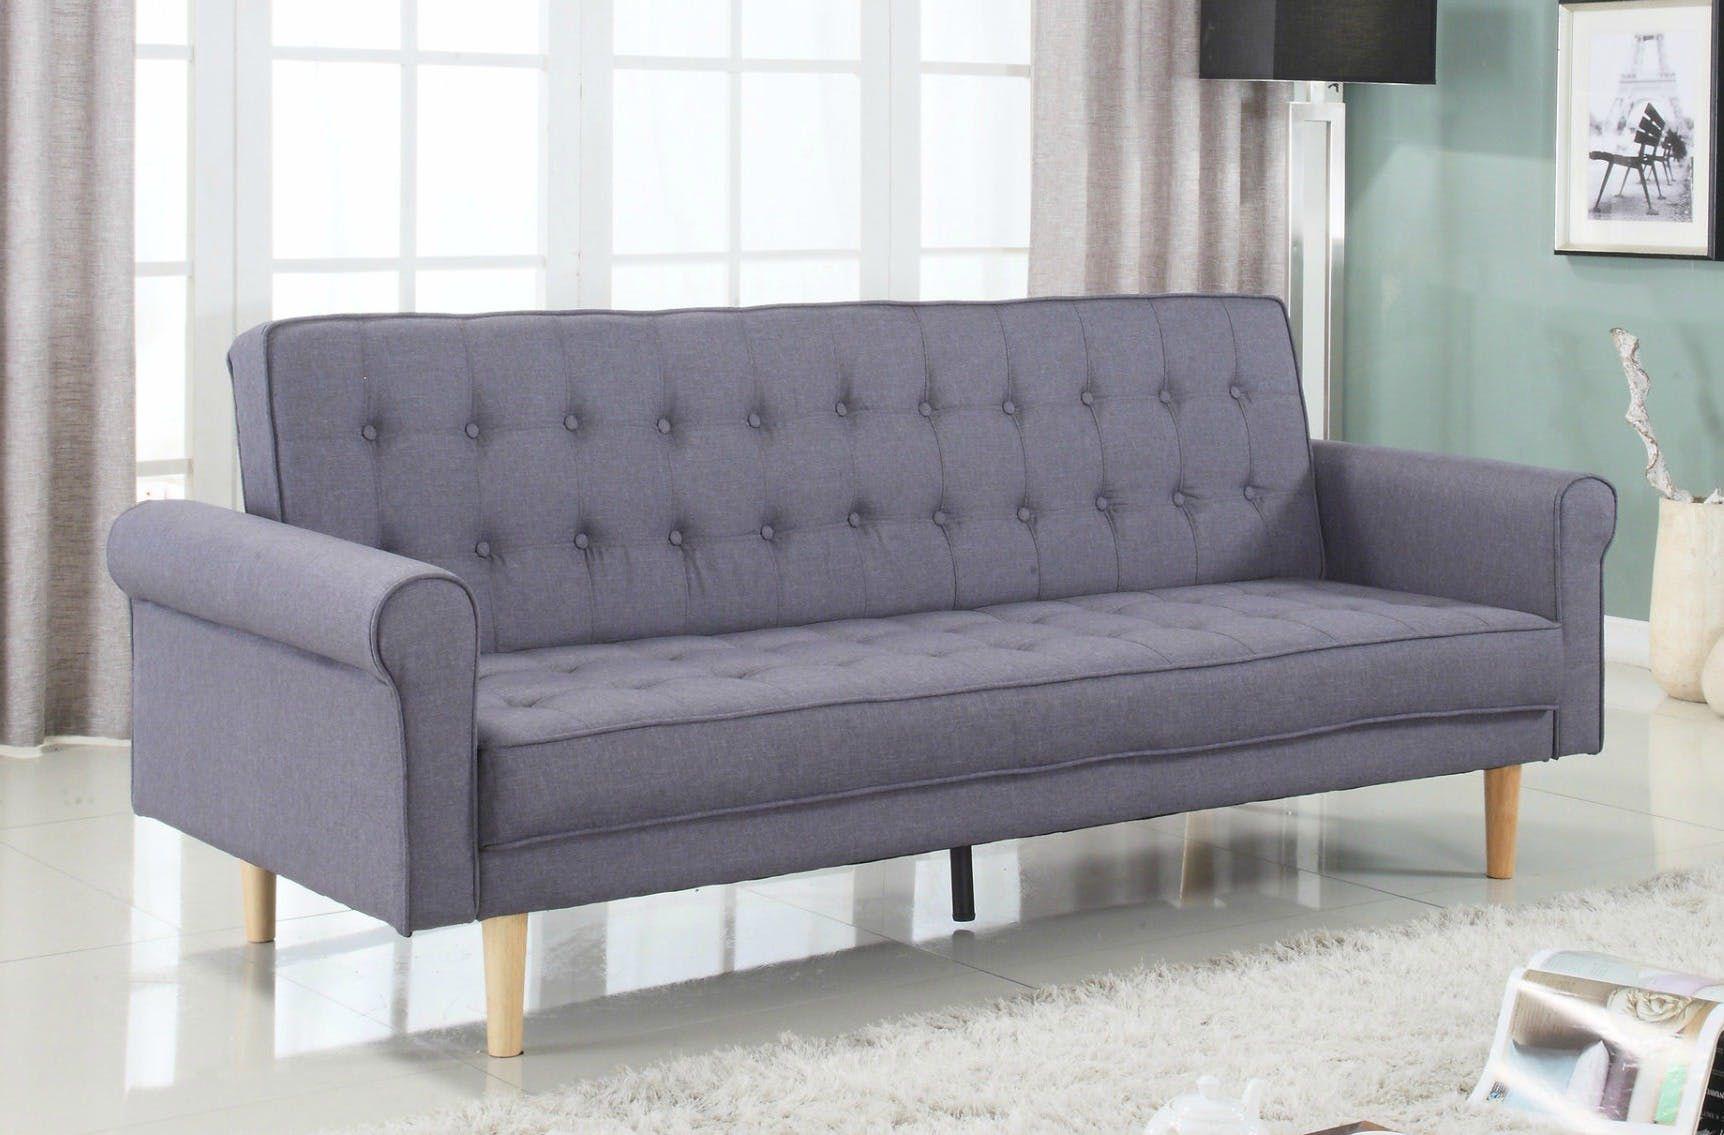 Mid Century Modern Vintage Style Linen Sleeper Futon Sofa 488 99 From